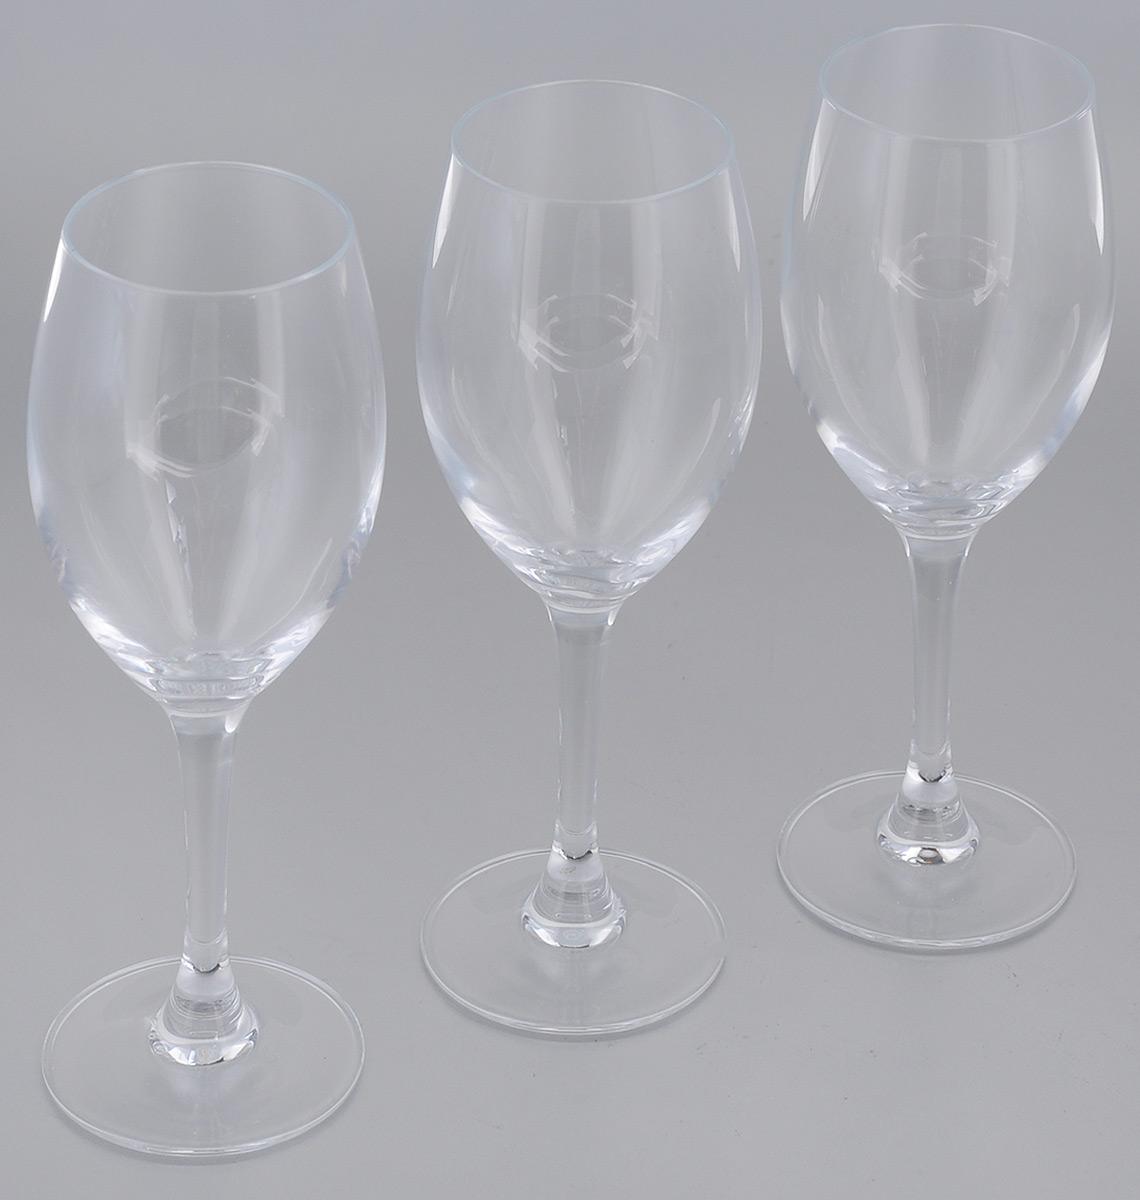 Набор фужеров для вина Luminarc Felicity, 190 мл, 3 штH5344Набор Luminarc Felicity состоит из трех фужеров, выполненных из прочного стекла. Изделия оснащены высокими ножками. Фужеры предназначены для подачи вина. Они сочетают в себе элегантный дизайн и функциональность. Благодаря такому набору пить напитки будет еще вкуснее. Набор фужеров Luminarc Felicity прекрасно оформит праздничный стол и создаст приятную атмосферу за романтическим ужином. Такой набор также станет хорошим подарком к любому случаю. Диаметр фужера (по верхнему краю): 5,2 см. Высота фужера: 17,5 см.